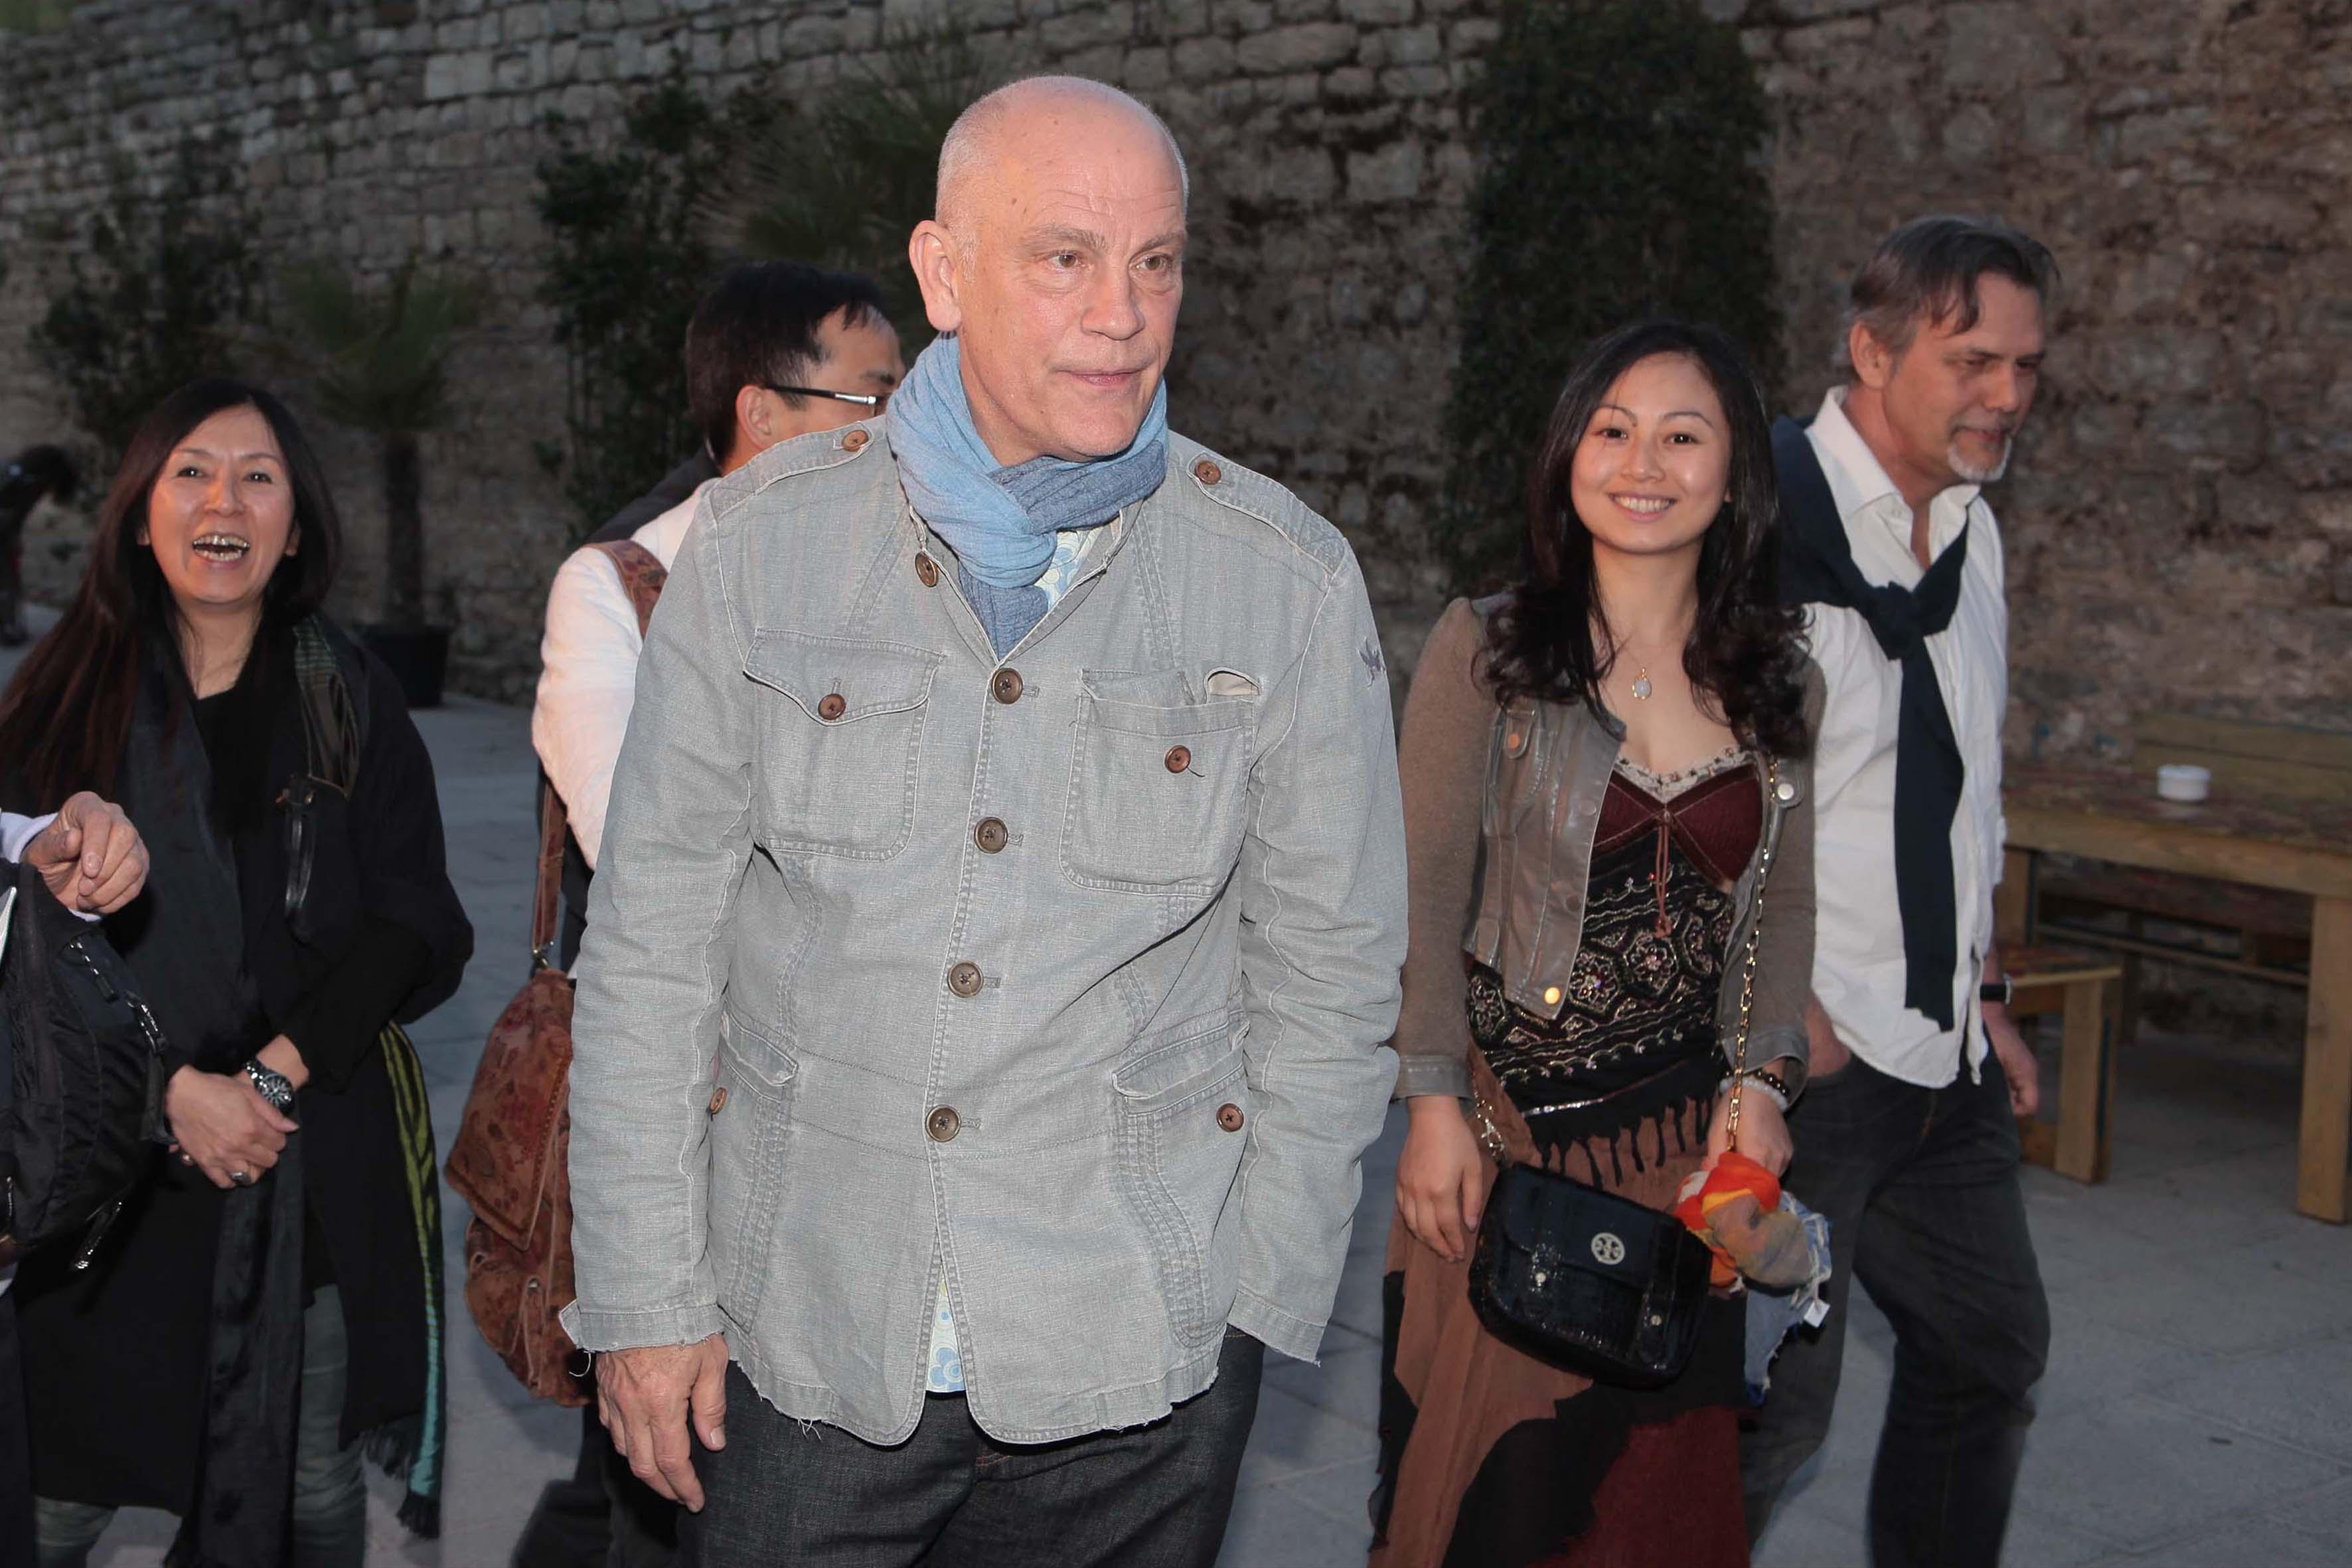 Pressphoto-Firenzemagazine-  Prato Opificio, serata Mercedes- nella foto: John Malkovich